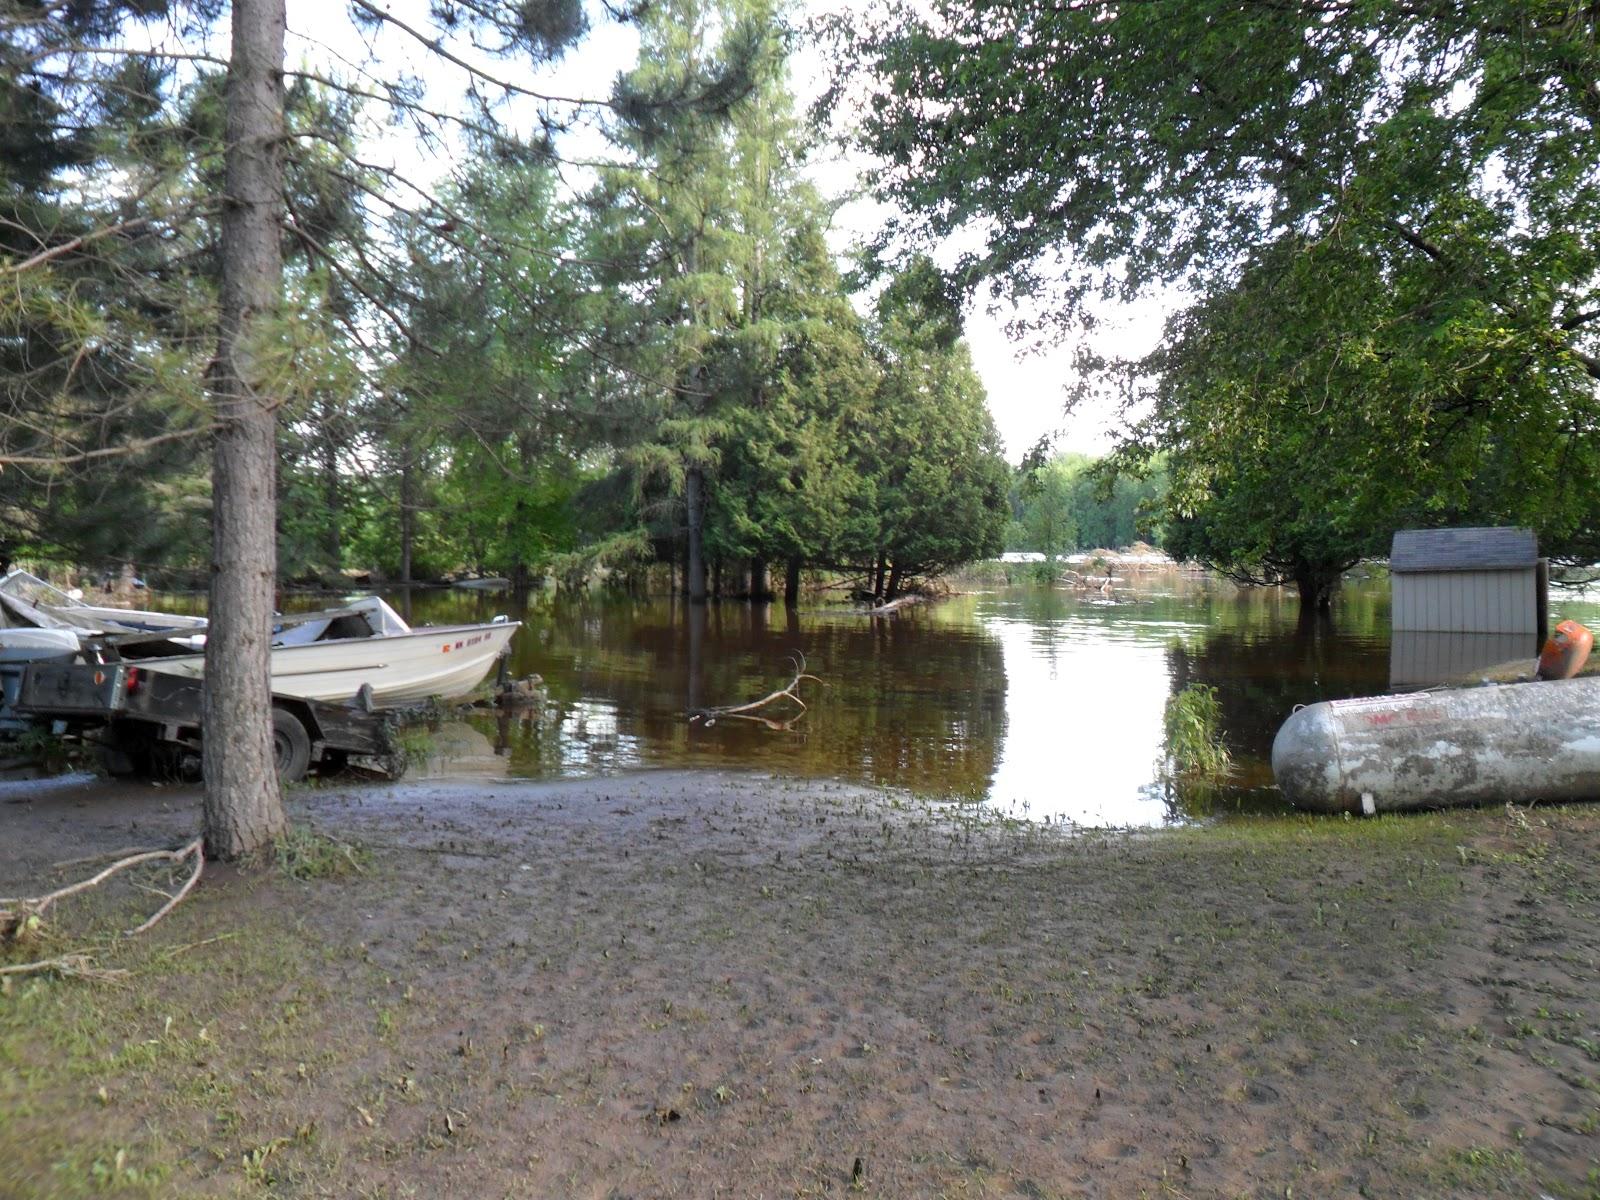 2012 fond du lac flood